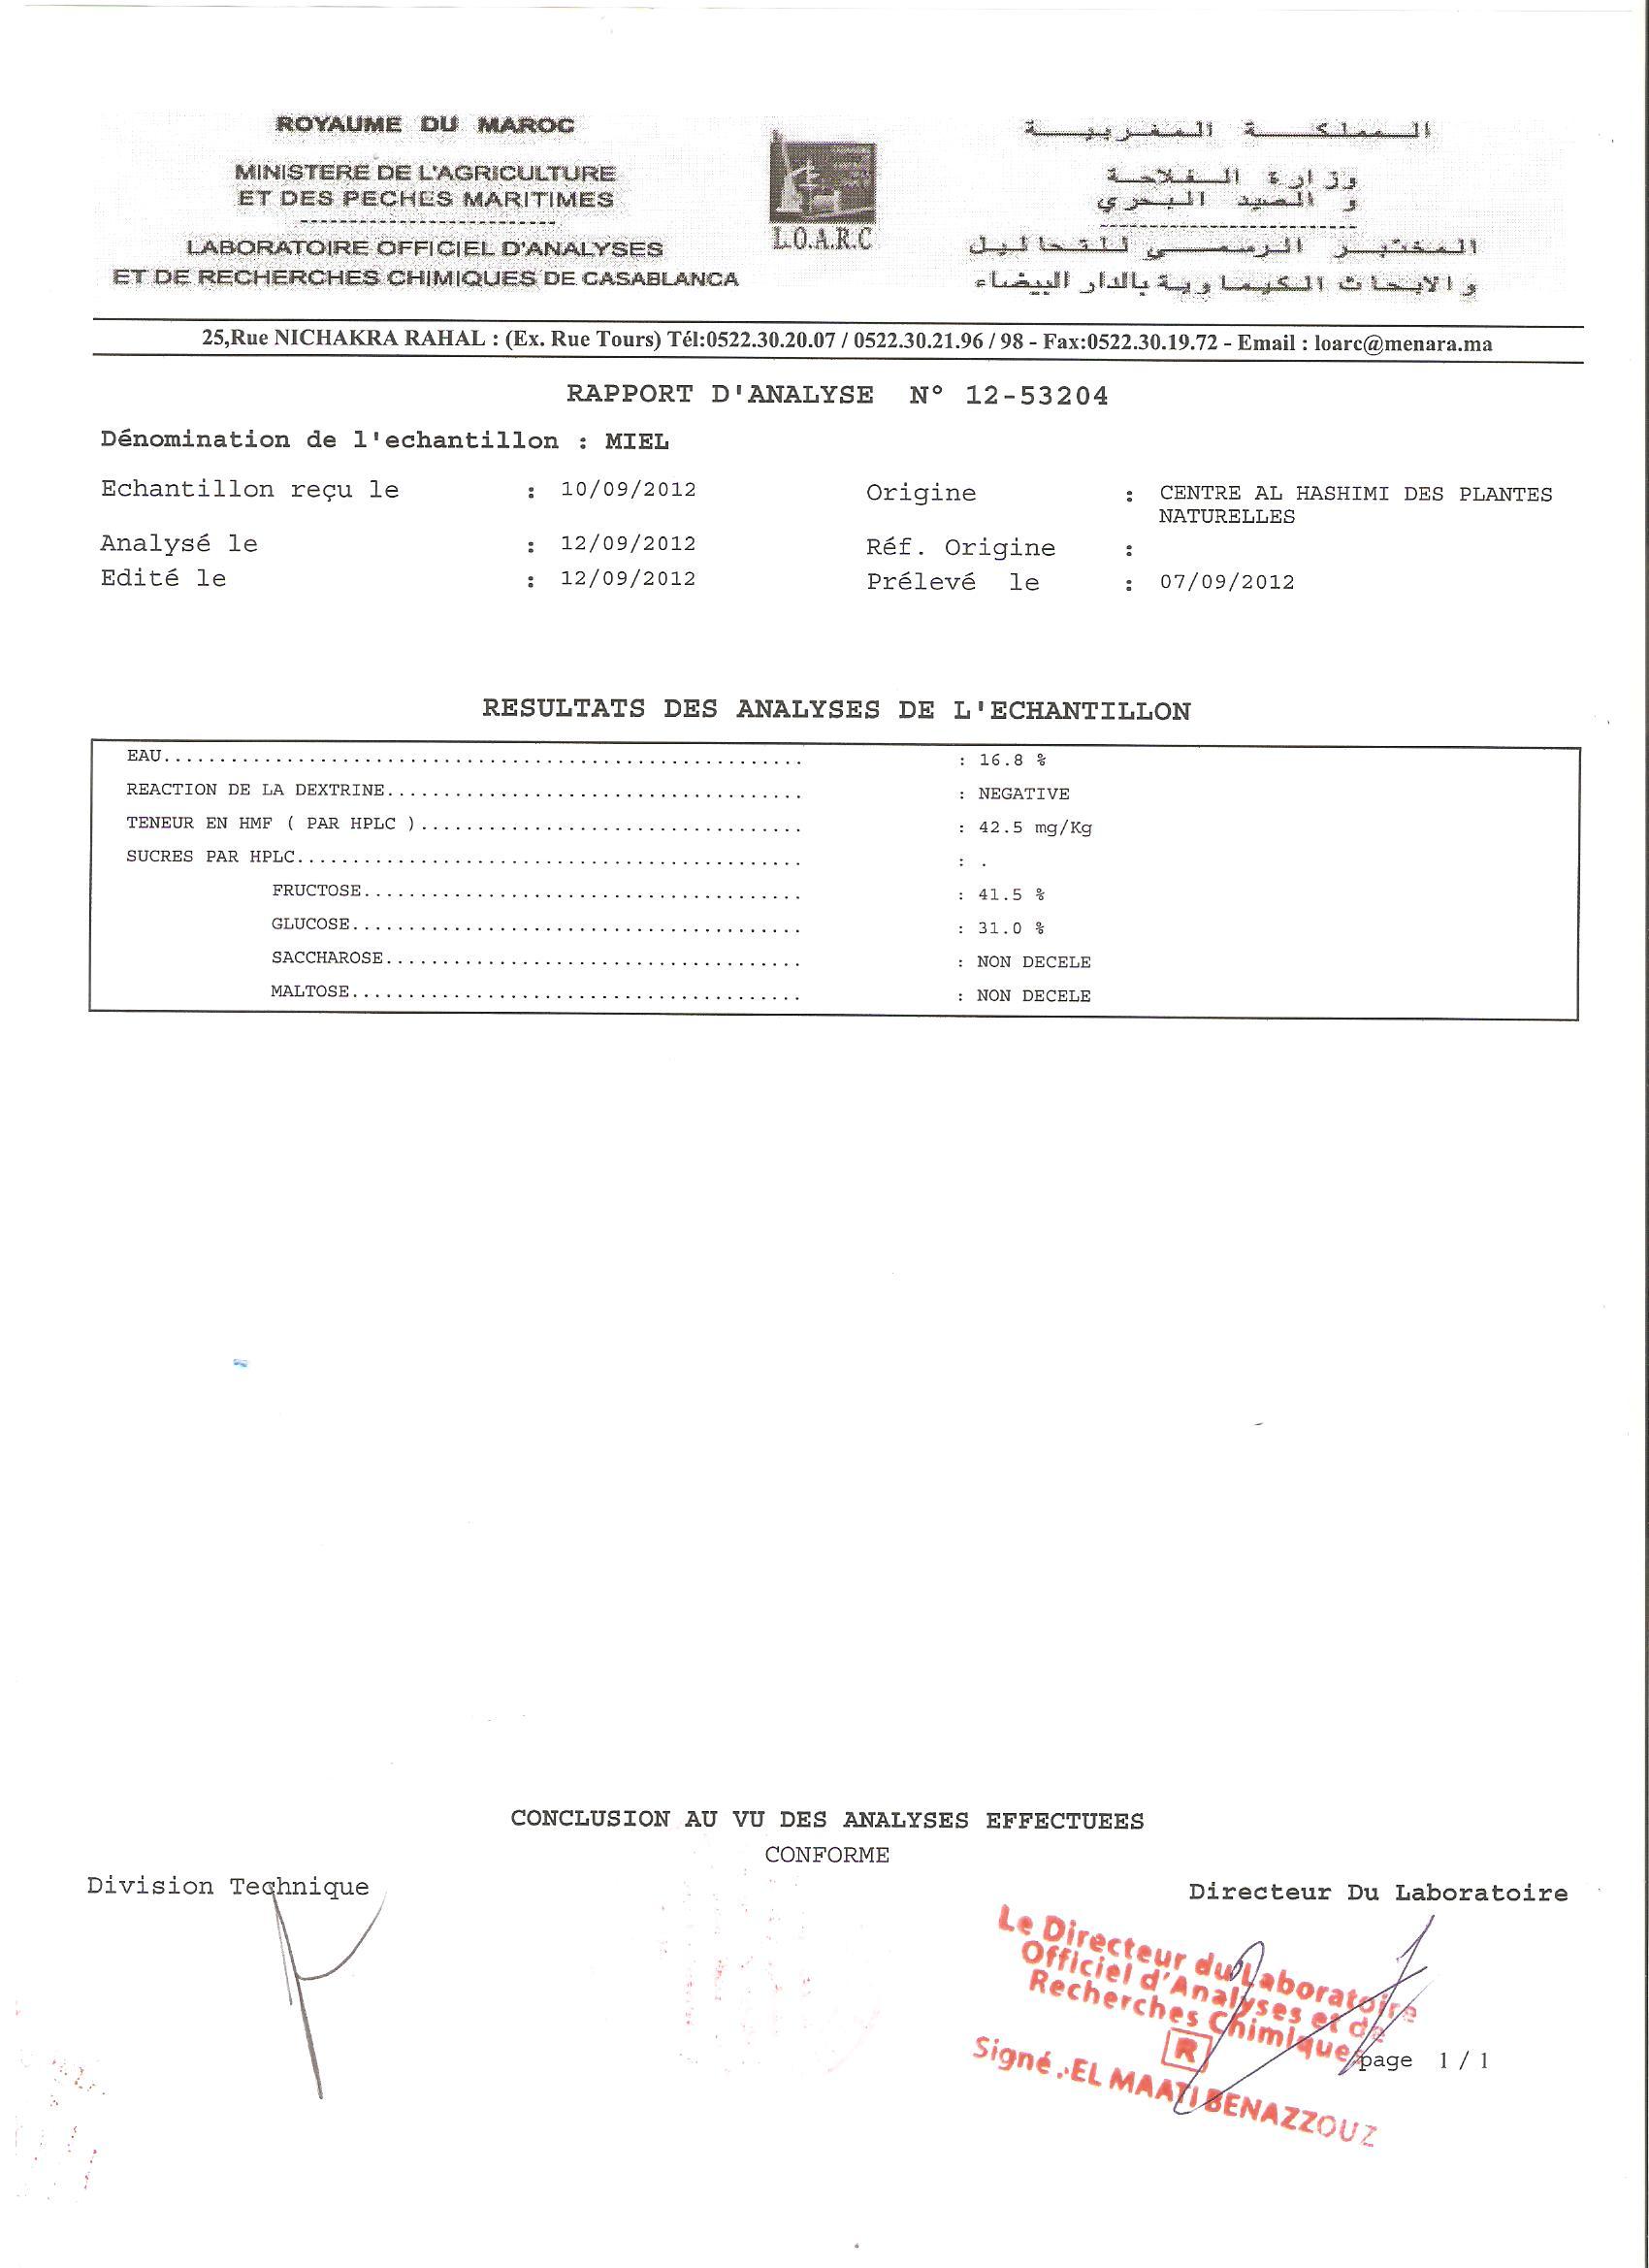 مختبرات وزارة الفلاحة المغربية تقرر جودة عسل مراكز الهاشمي العالمية المستخدم في الترك